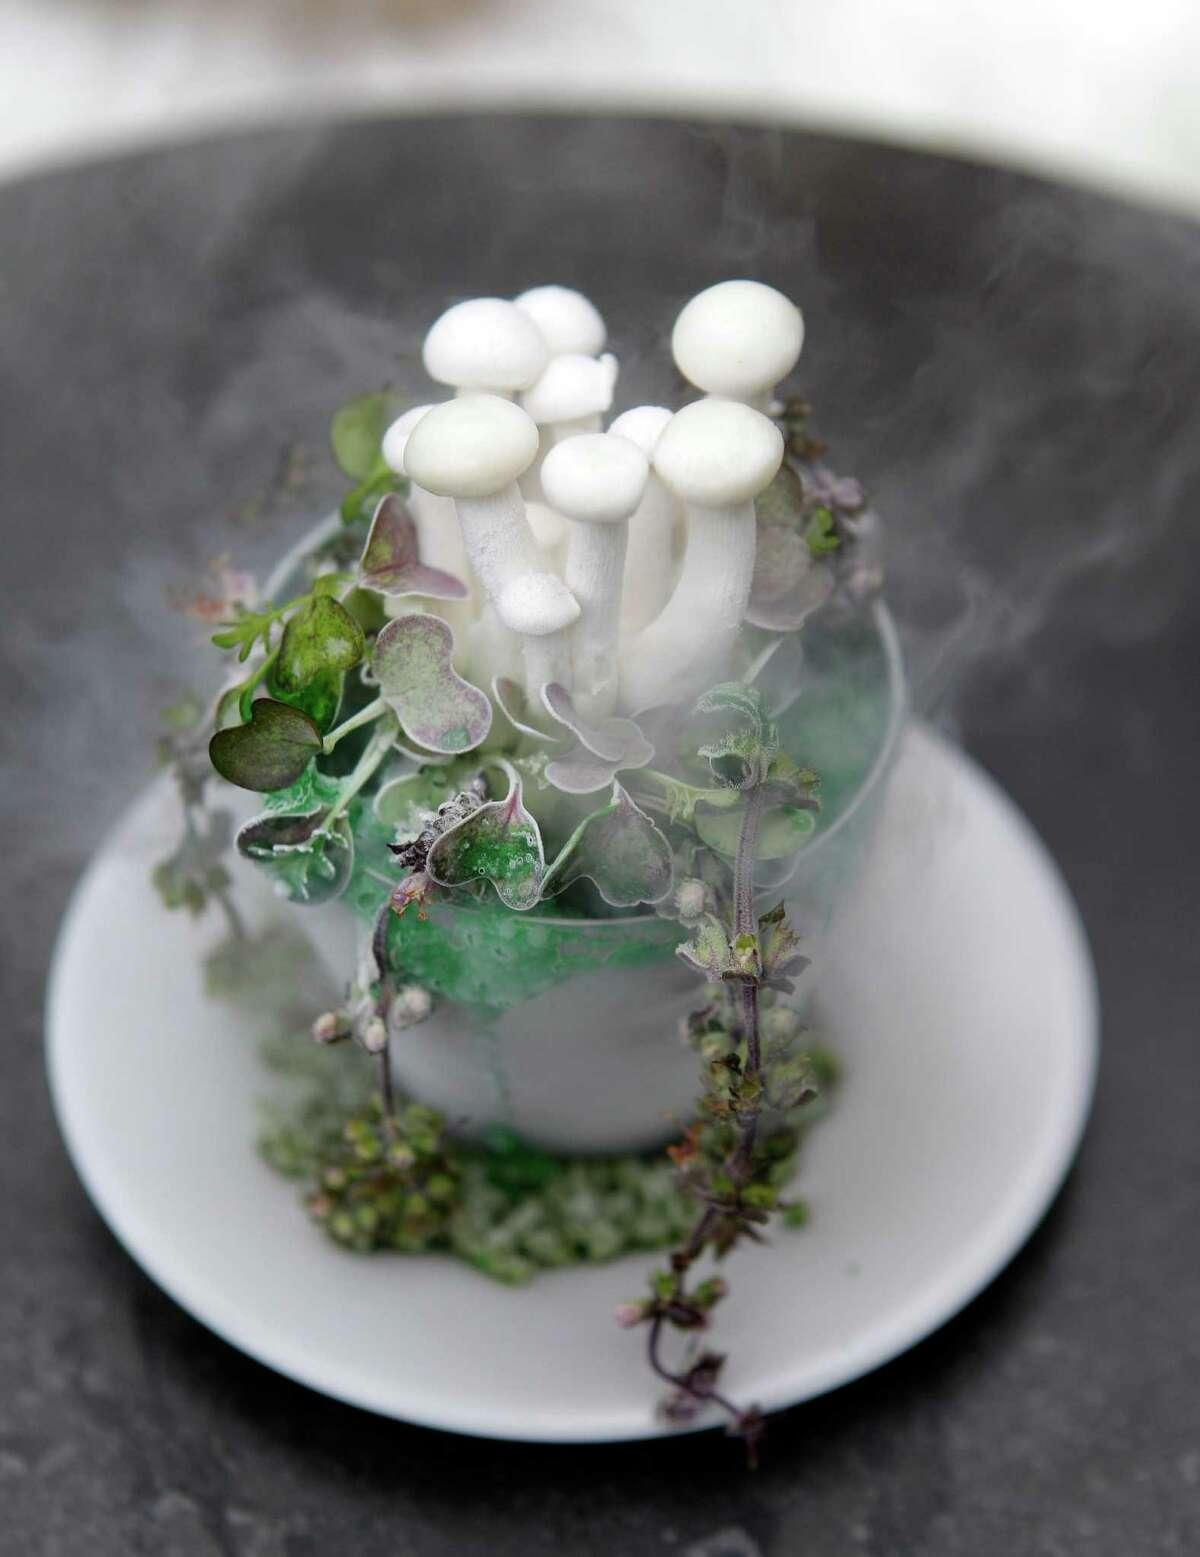 Liquid nitrogen-frozen beech mushrooms with green onion foam by Edwards